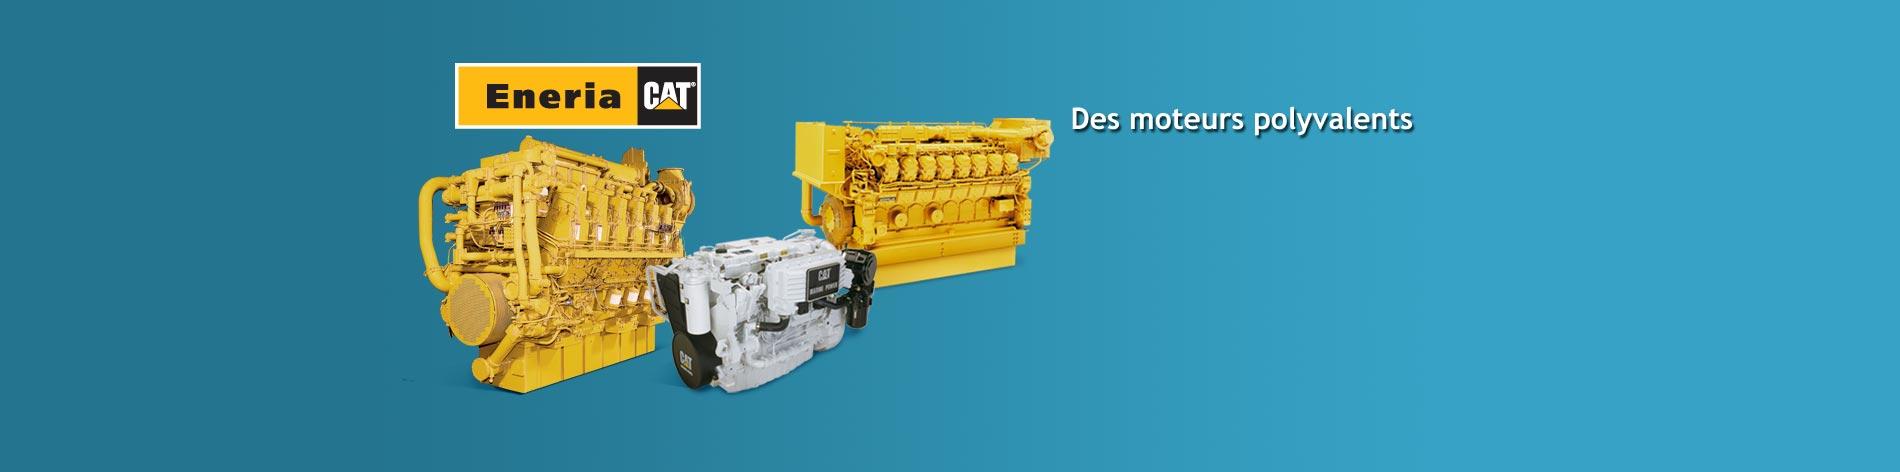 Nous vous proposons une gamme complète de moteurs marins, auxiliaires de bord, ensembles de propulsions et groupes électrogènes.